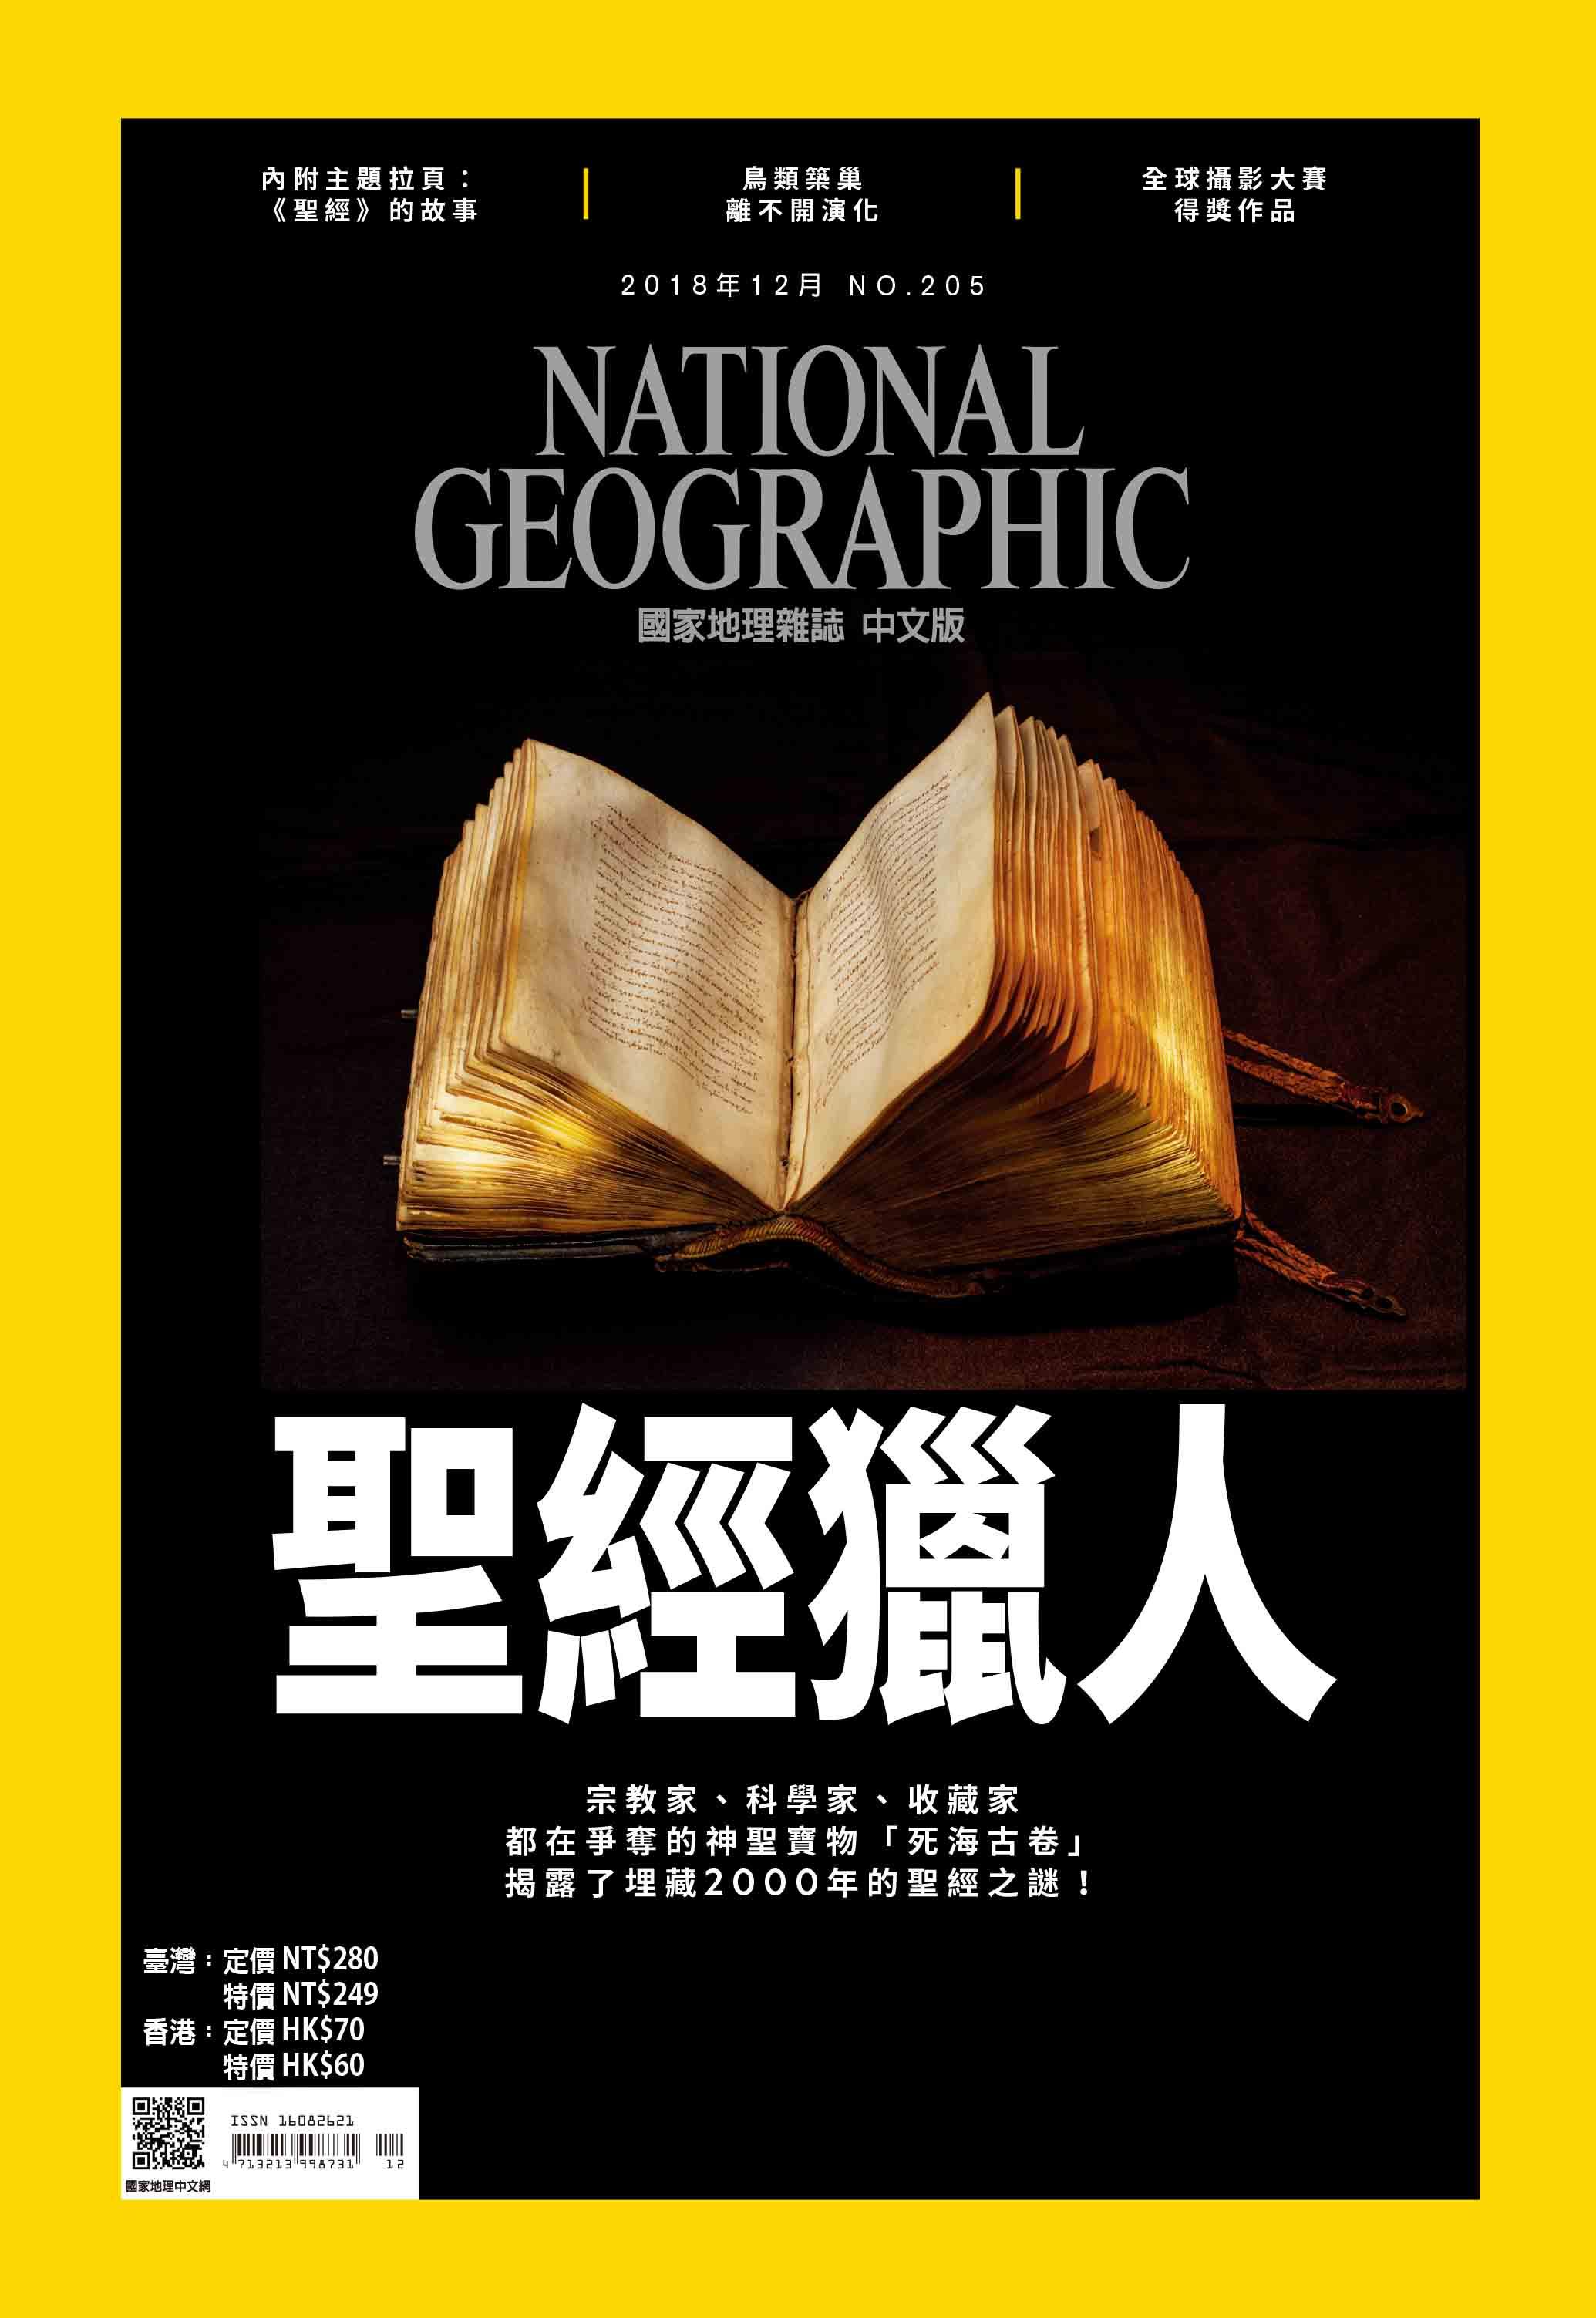 國家地理雜誌2018年12月號 – 聖經獵人